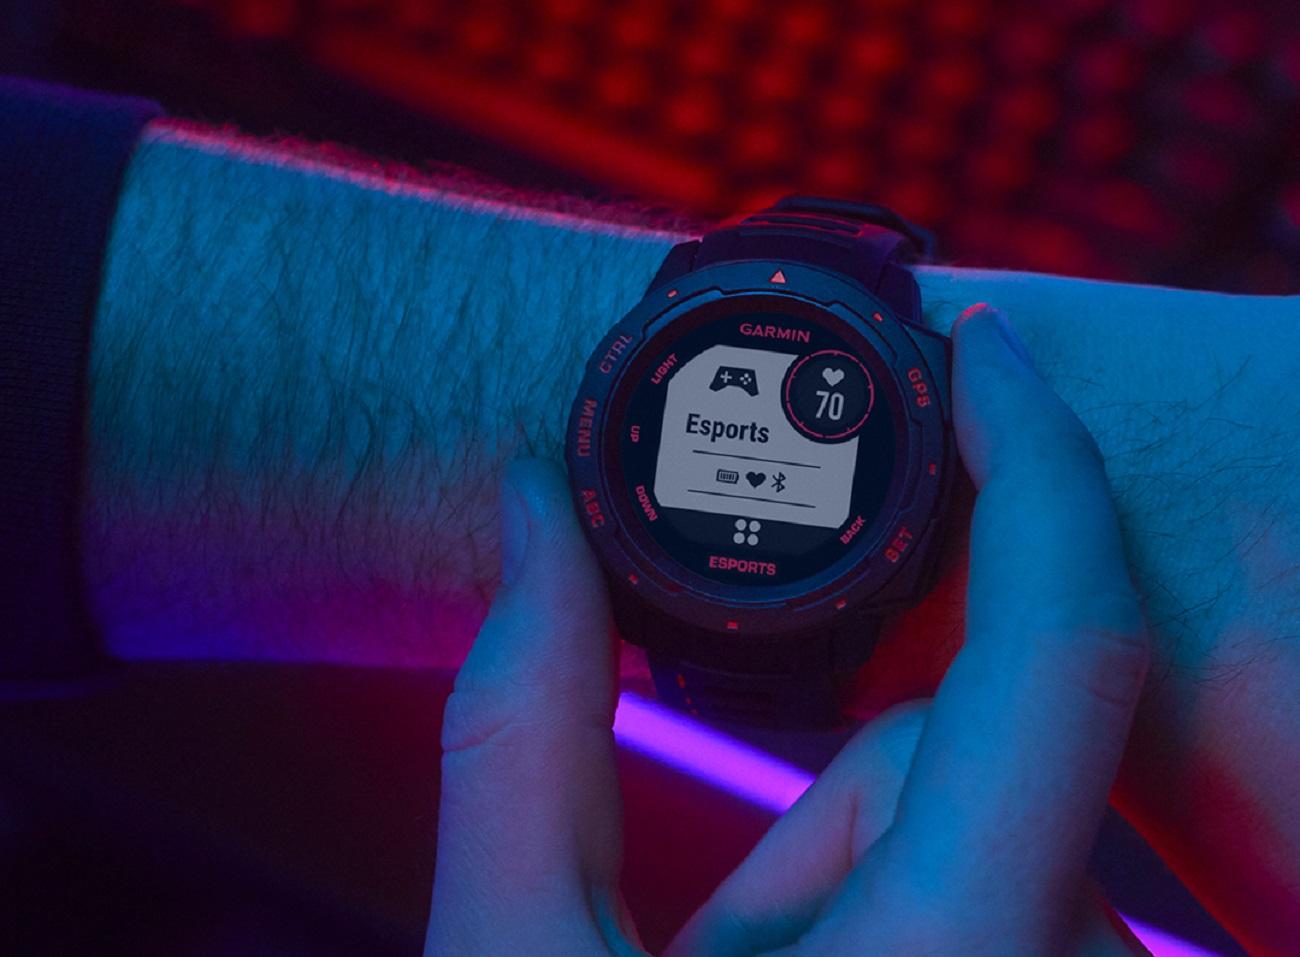 Garmin dévoile une montre connectée dédiée aux jeux vidéo et au streaming